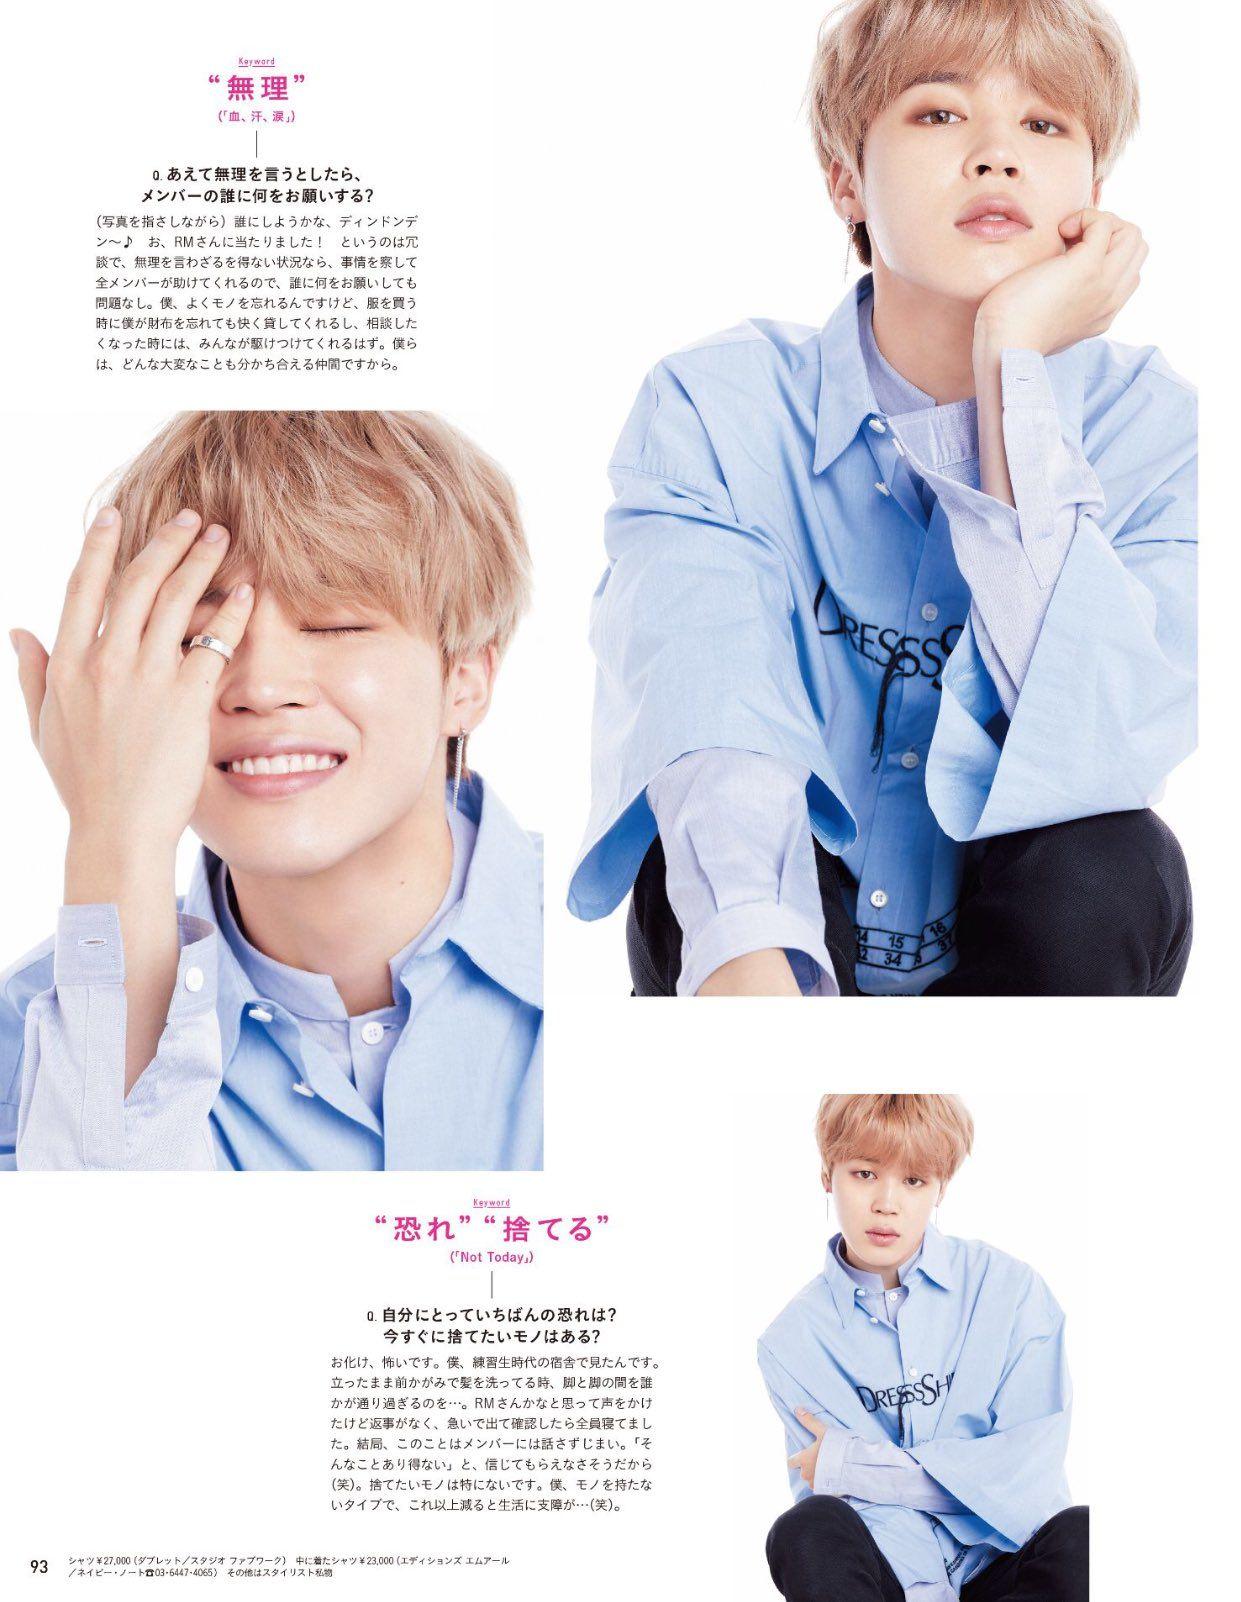 para anan magazine revista japonesa